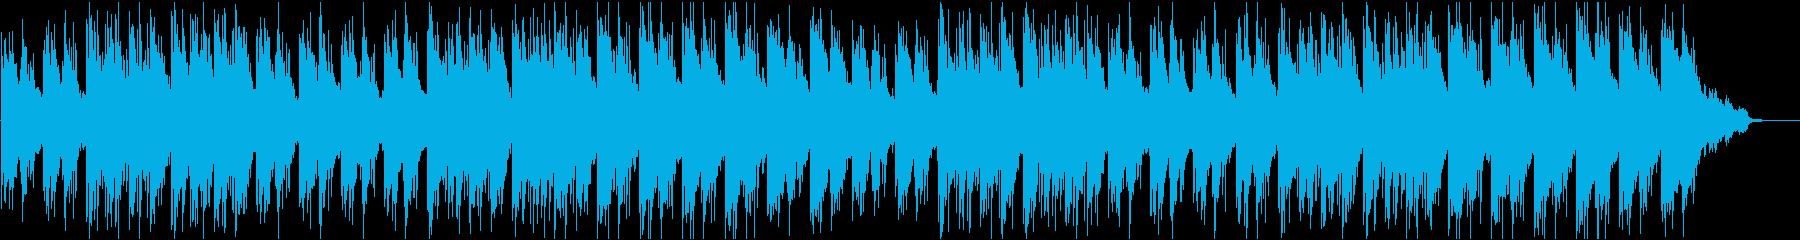 水族館や水中映像に合うヒーリングBGMの再生済みの波形